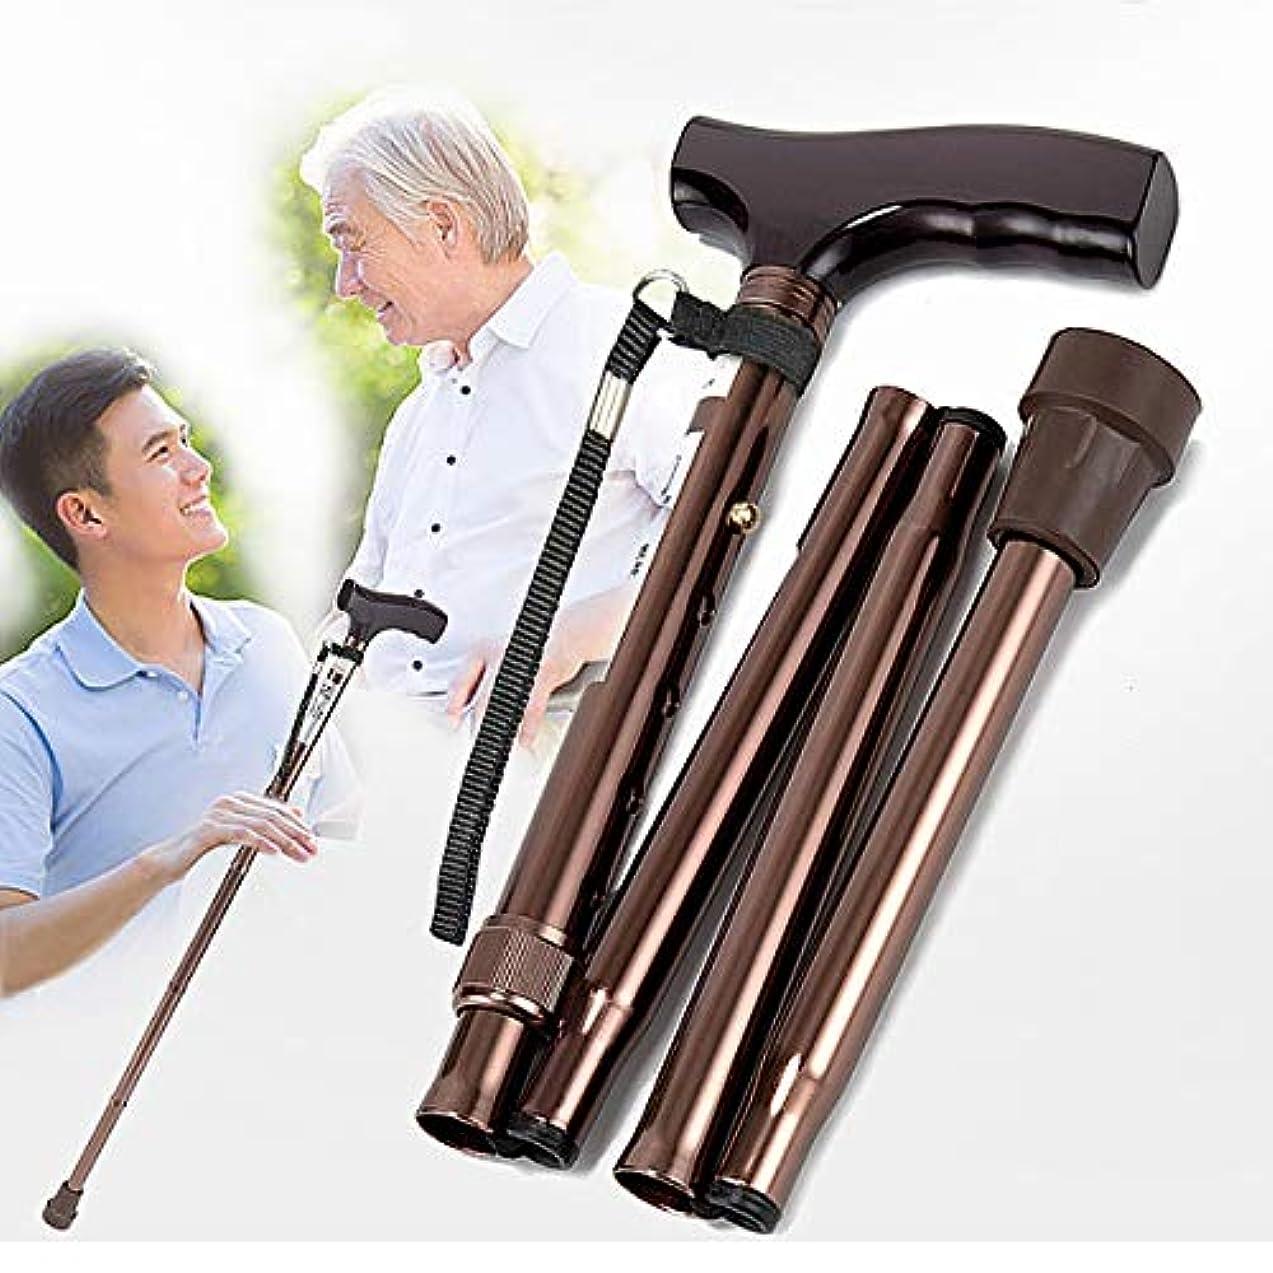 飛躍ひまわり午後年配の折る杖、純木のハンドルおよびリスト?ストラップが付いている調節可能な高さ手の歩く杖軽量の携帯用杖滑り止め